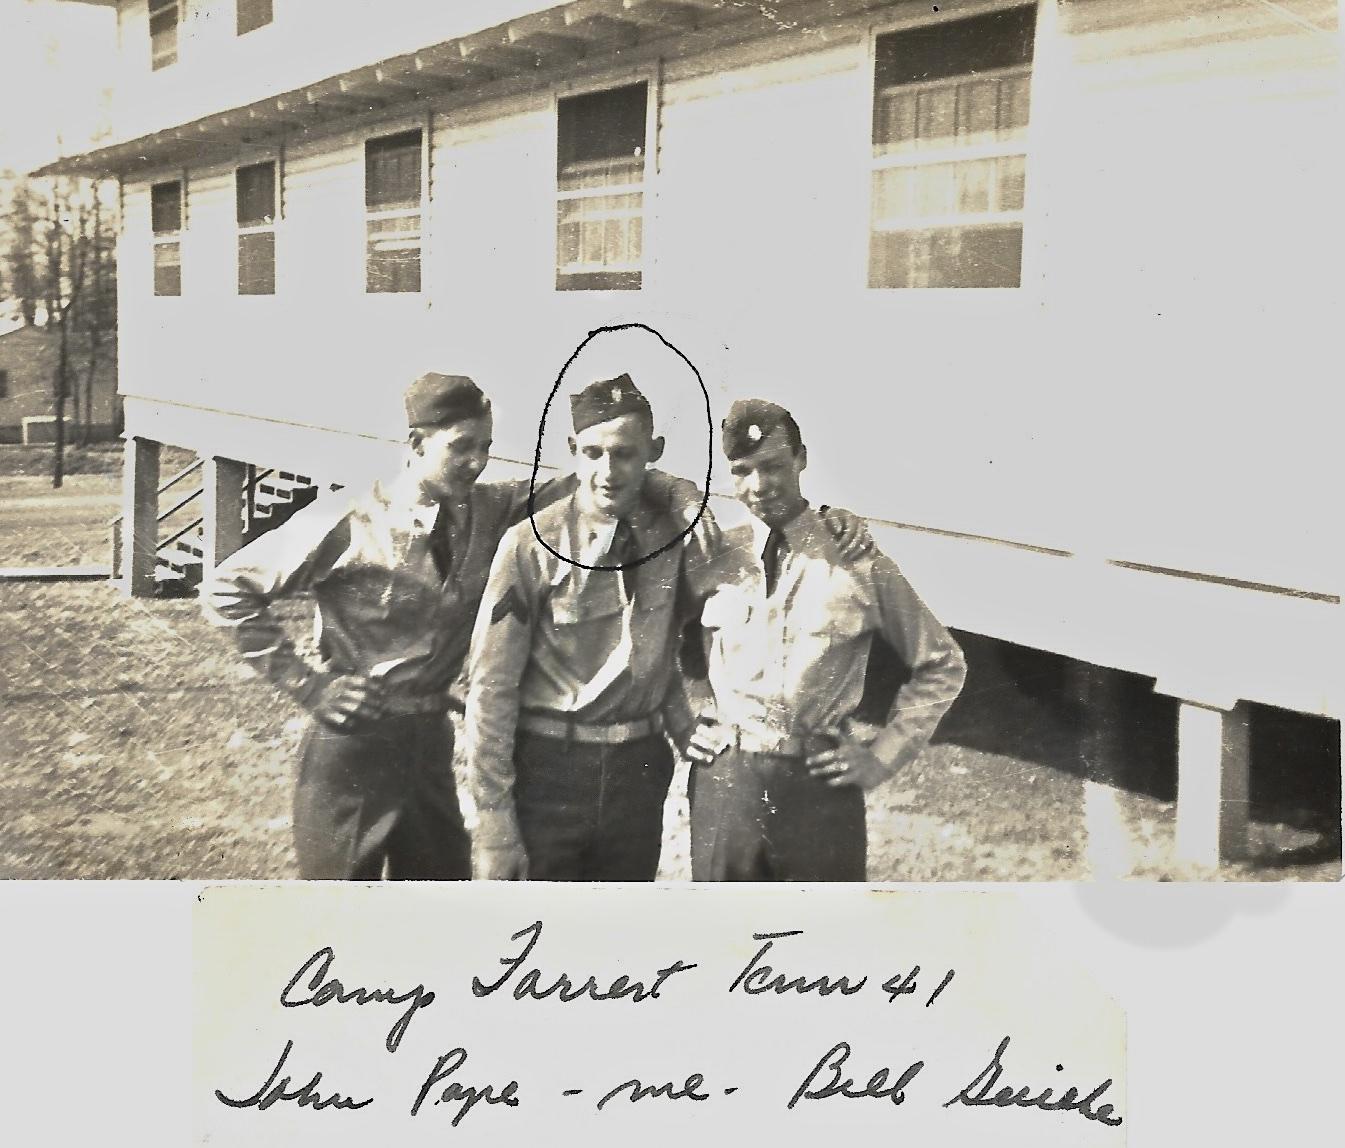 1941 Camp Forrest, John Pope, Ernie Faulkner, Bill Gericke